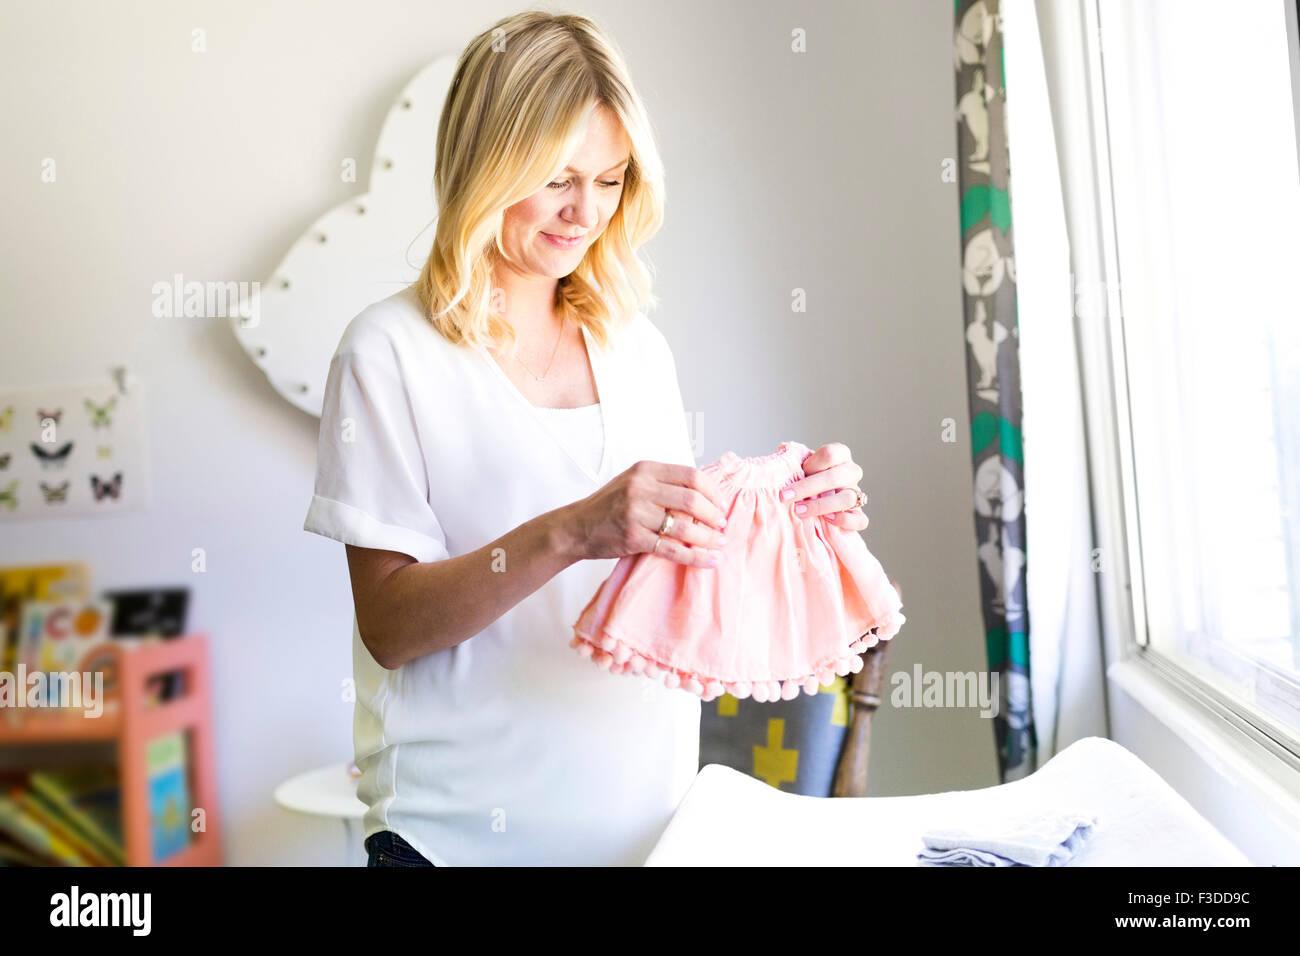 Schwangere Frau halten Baby Kleidung Stockbild